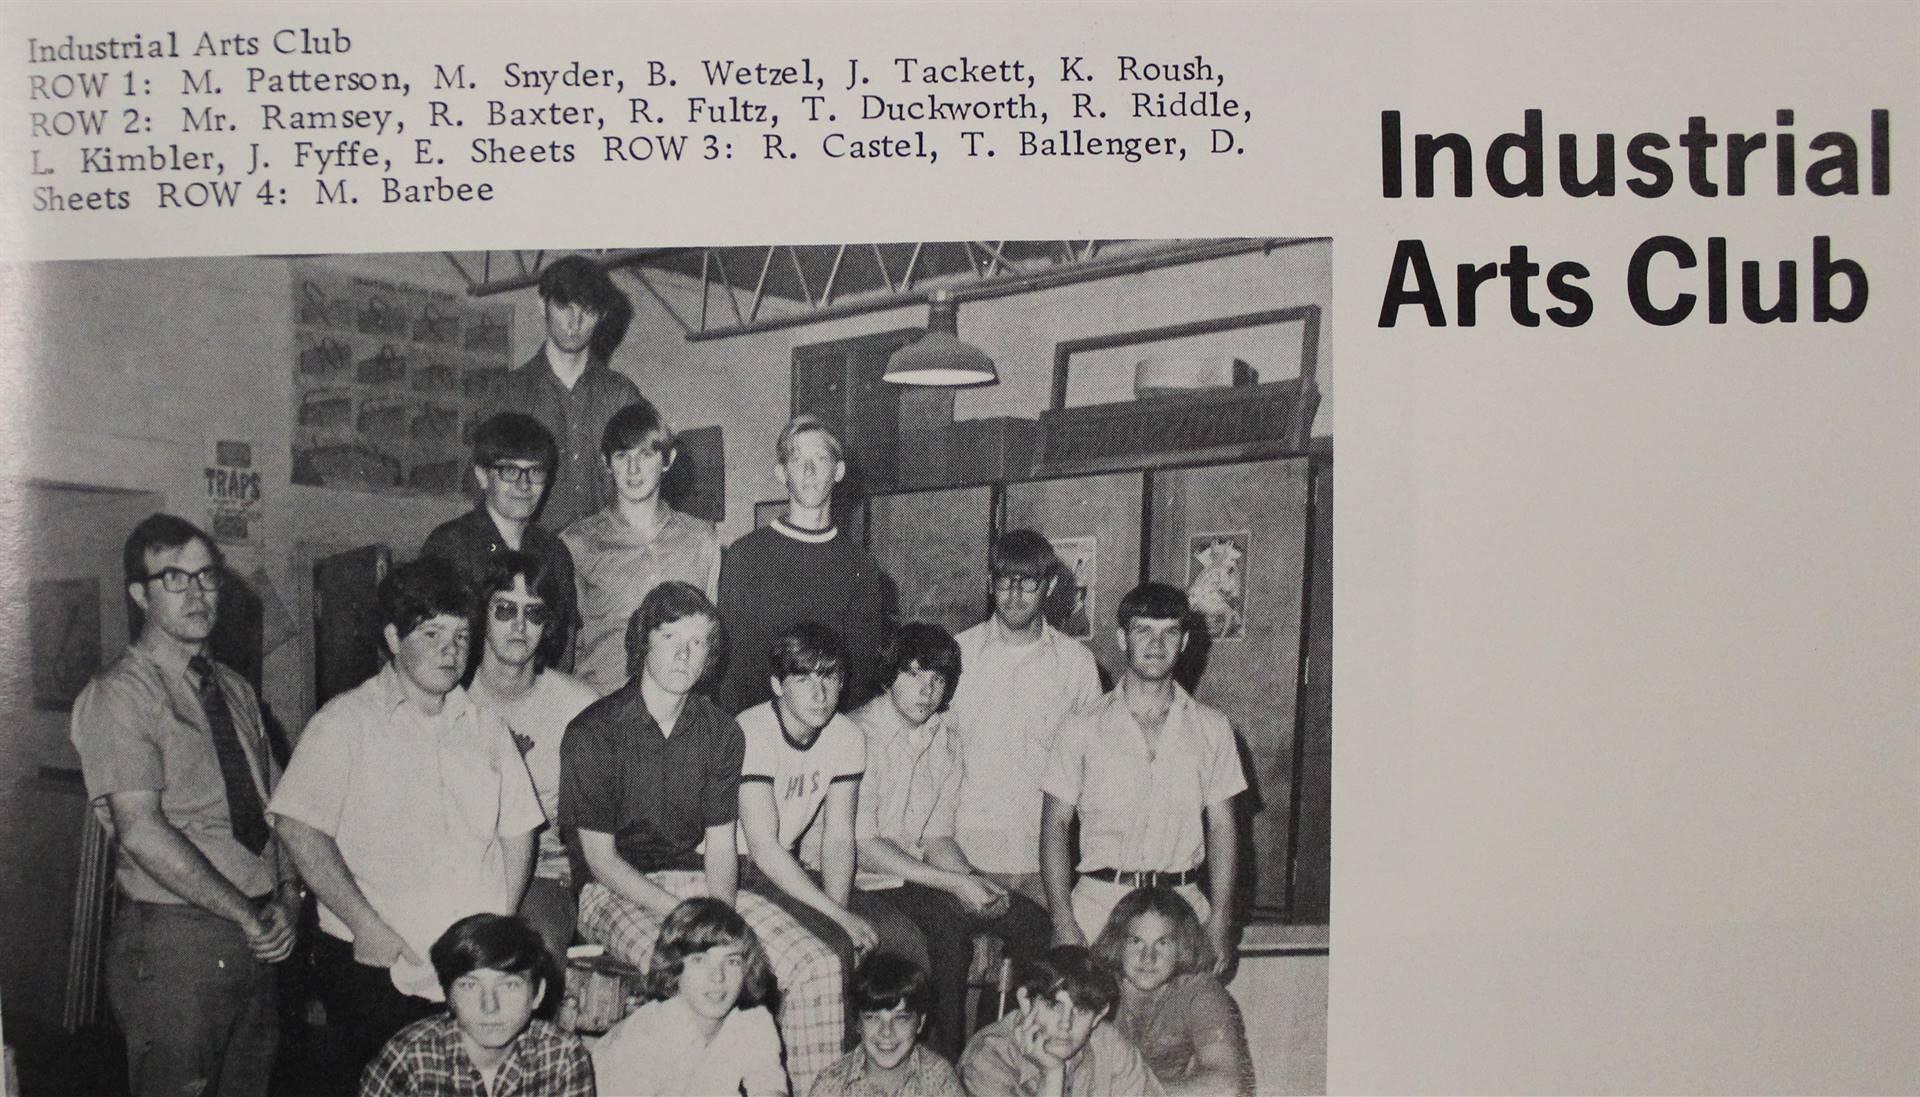 1973 Industrial Arts Club